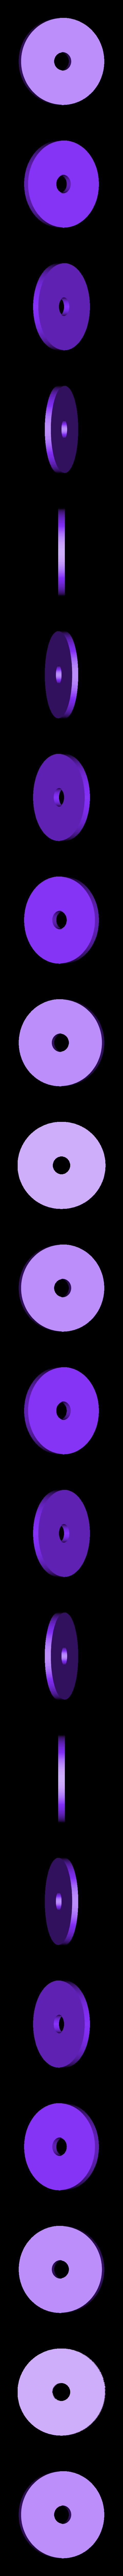 grinder_1.stl Télécharger fichier STL gratuit Le moulin • Design pour imprimante 3D, Earsling